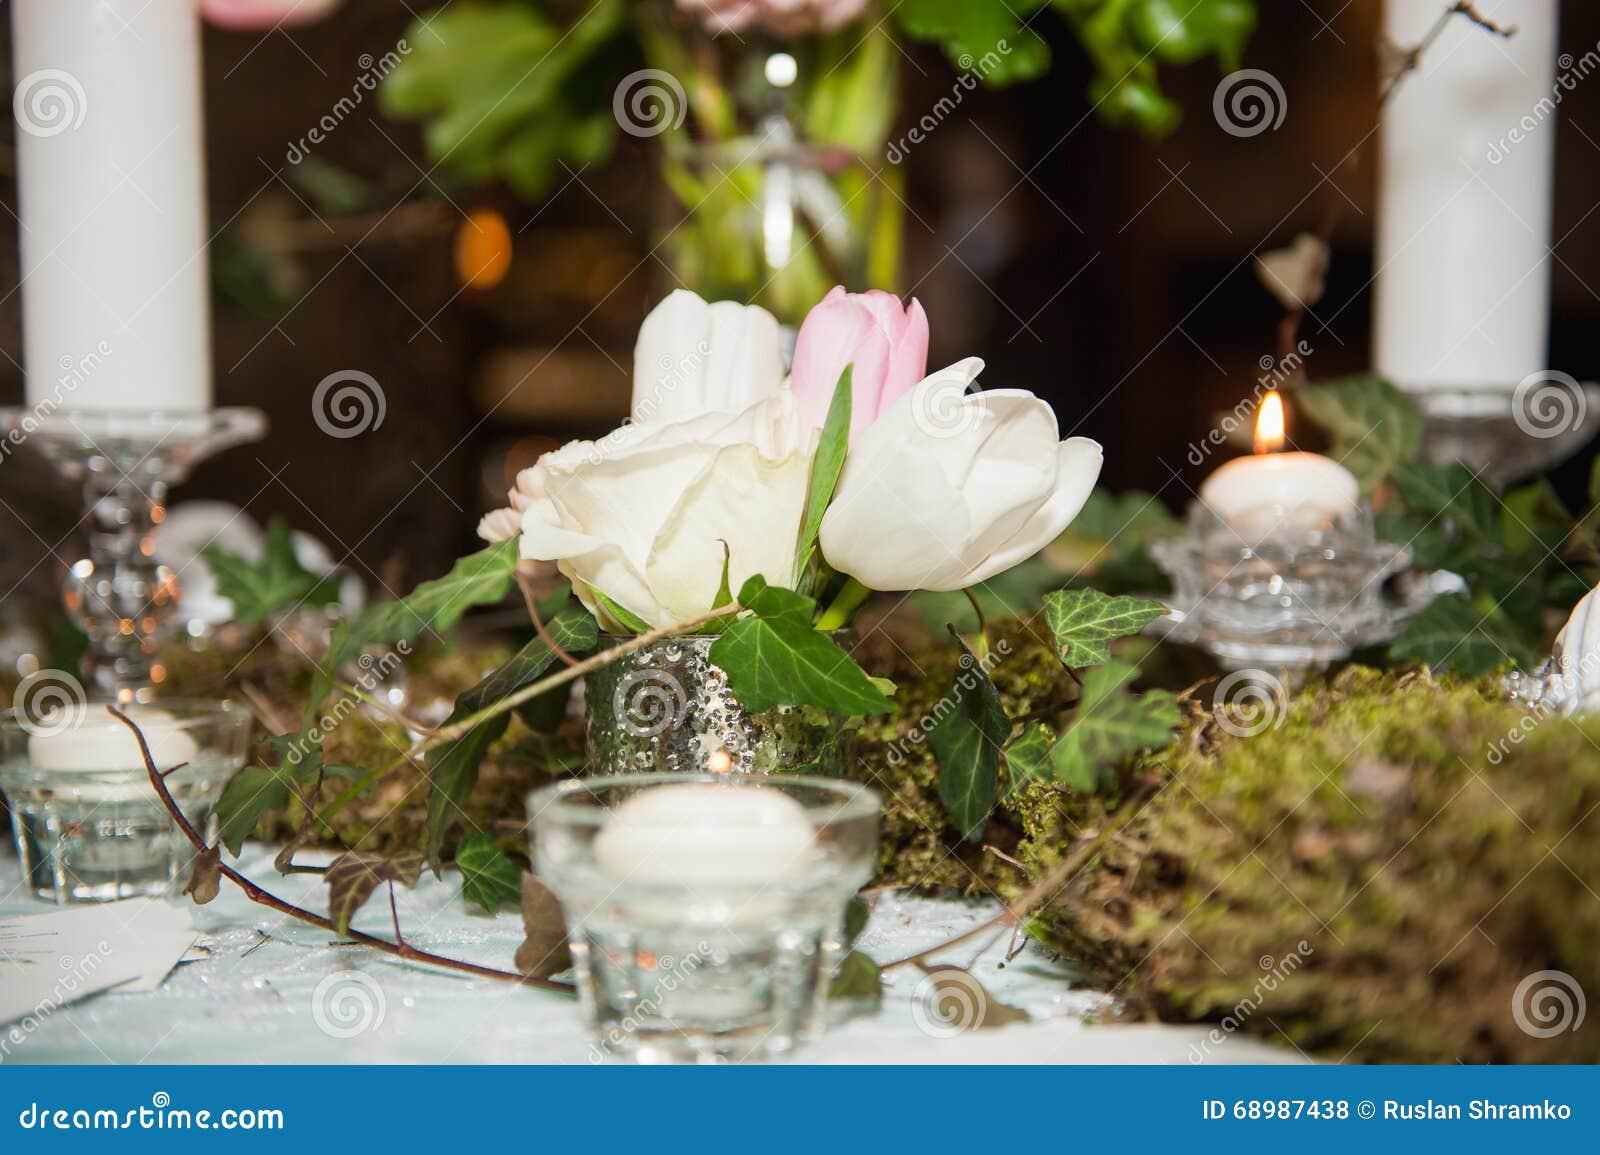 Gedeck für die Heirat oder Ereignis